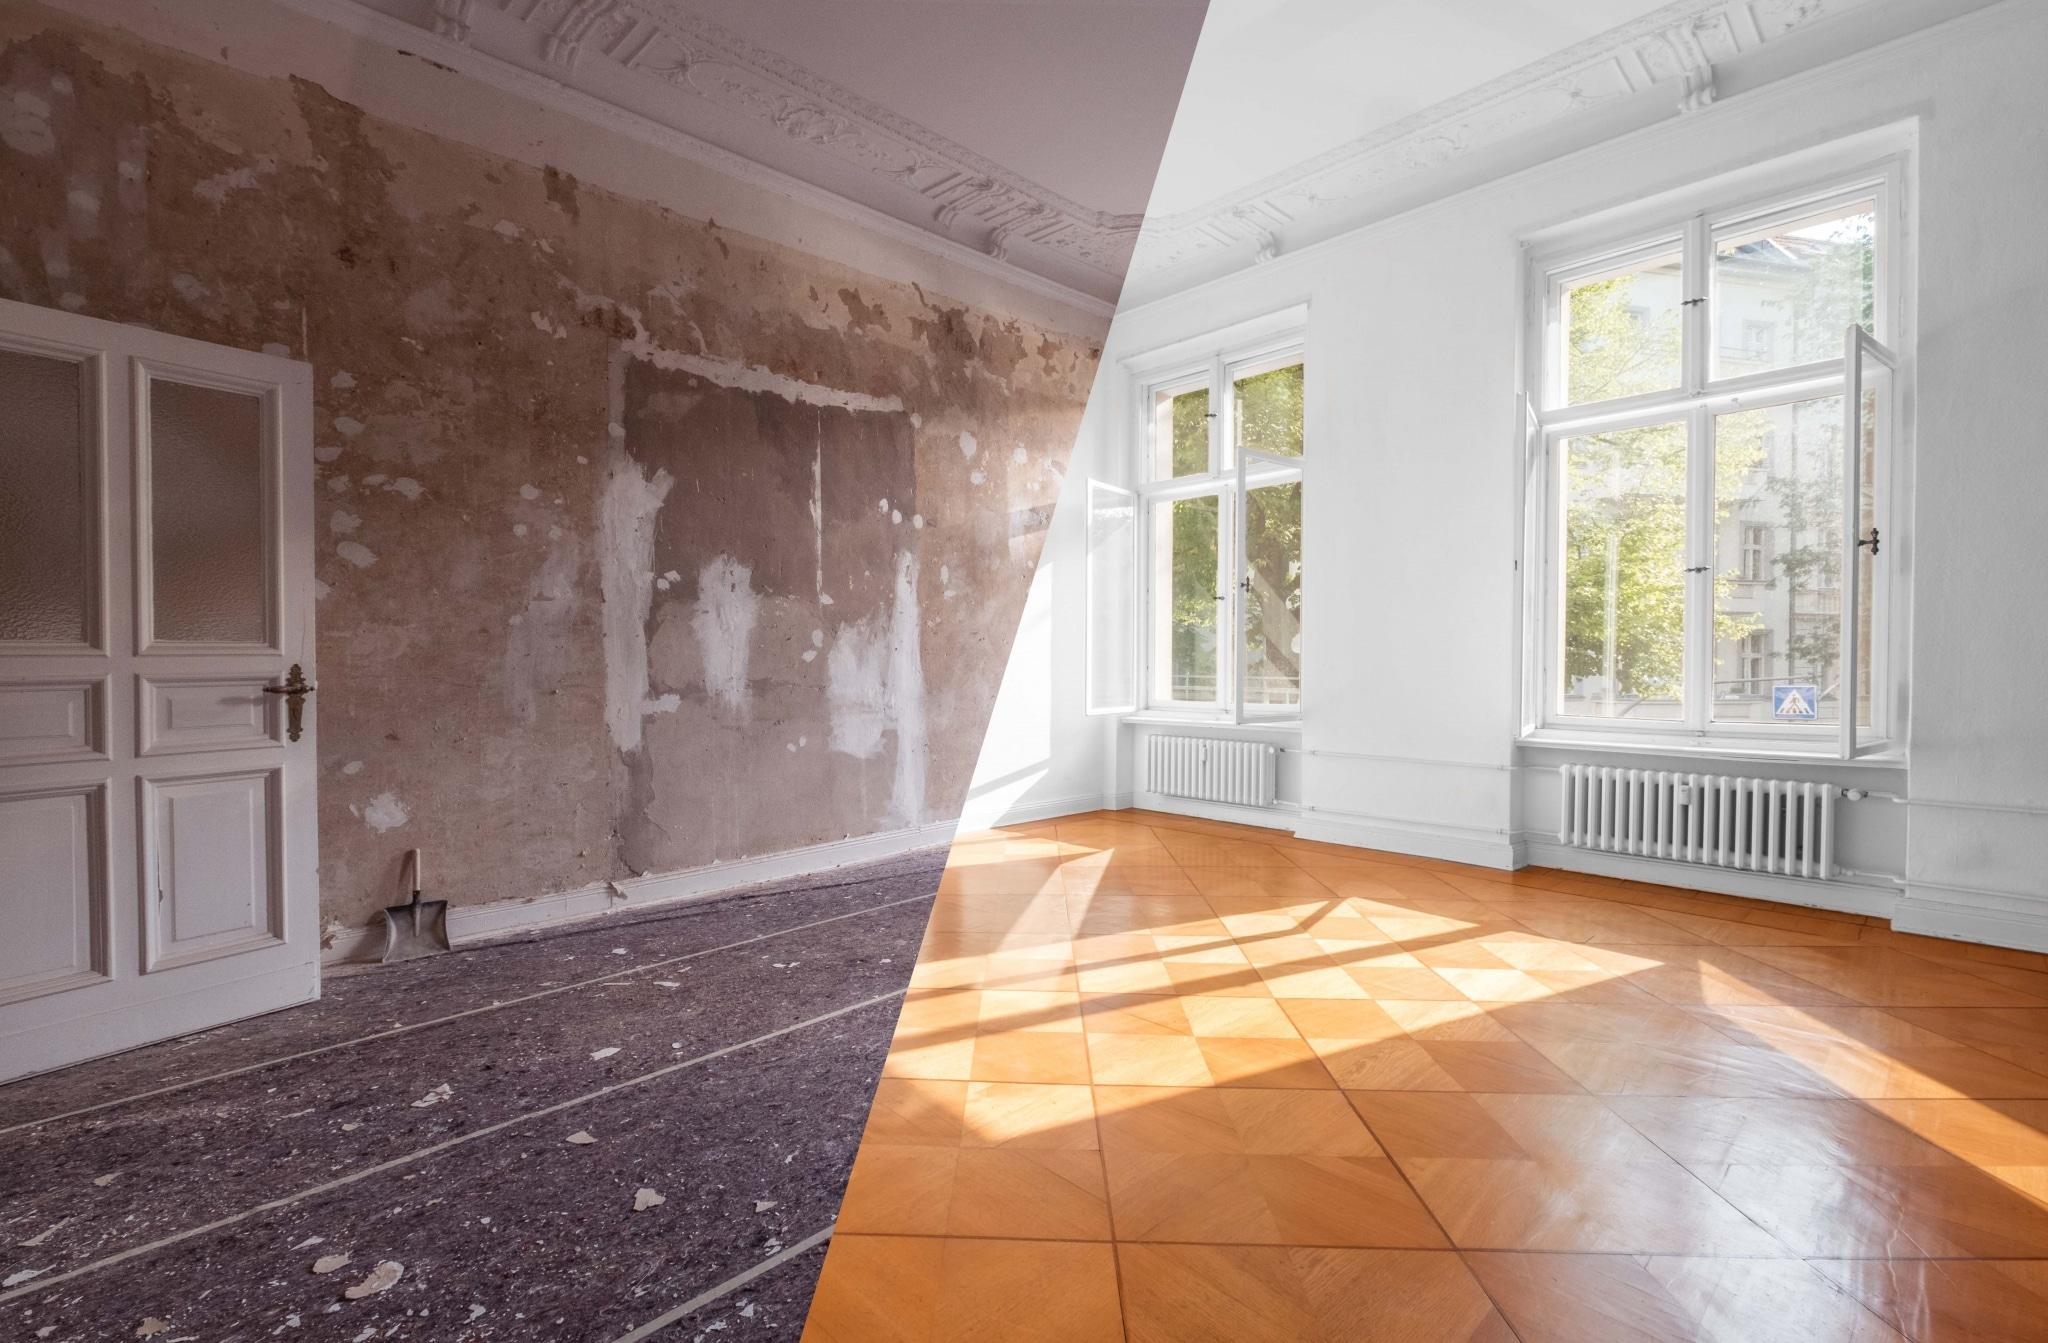 Kompositfoto von einem Raum vor und nach der Sanierung, mit großen Fenstern, schönem Parkettboden und hoher Decke mit weißem Putz